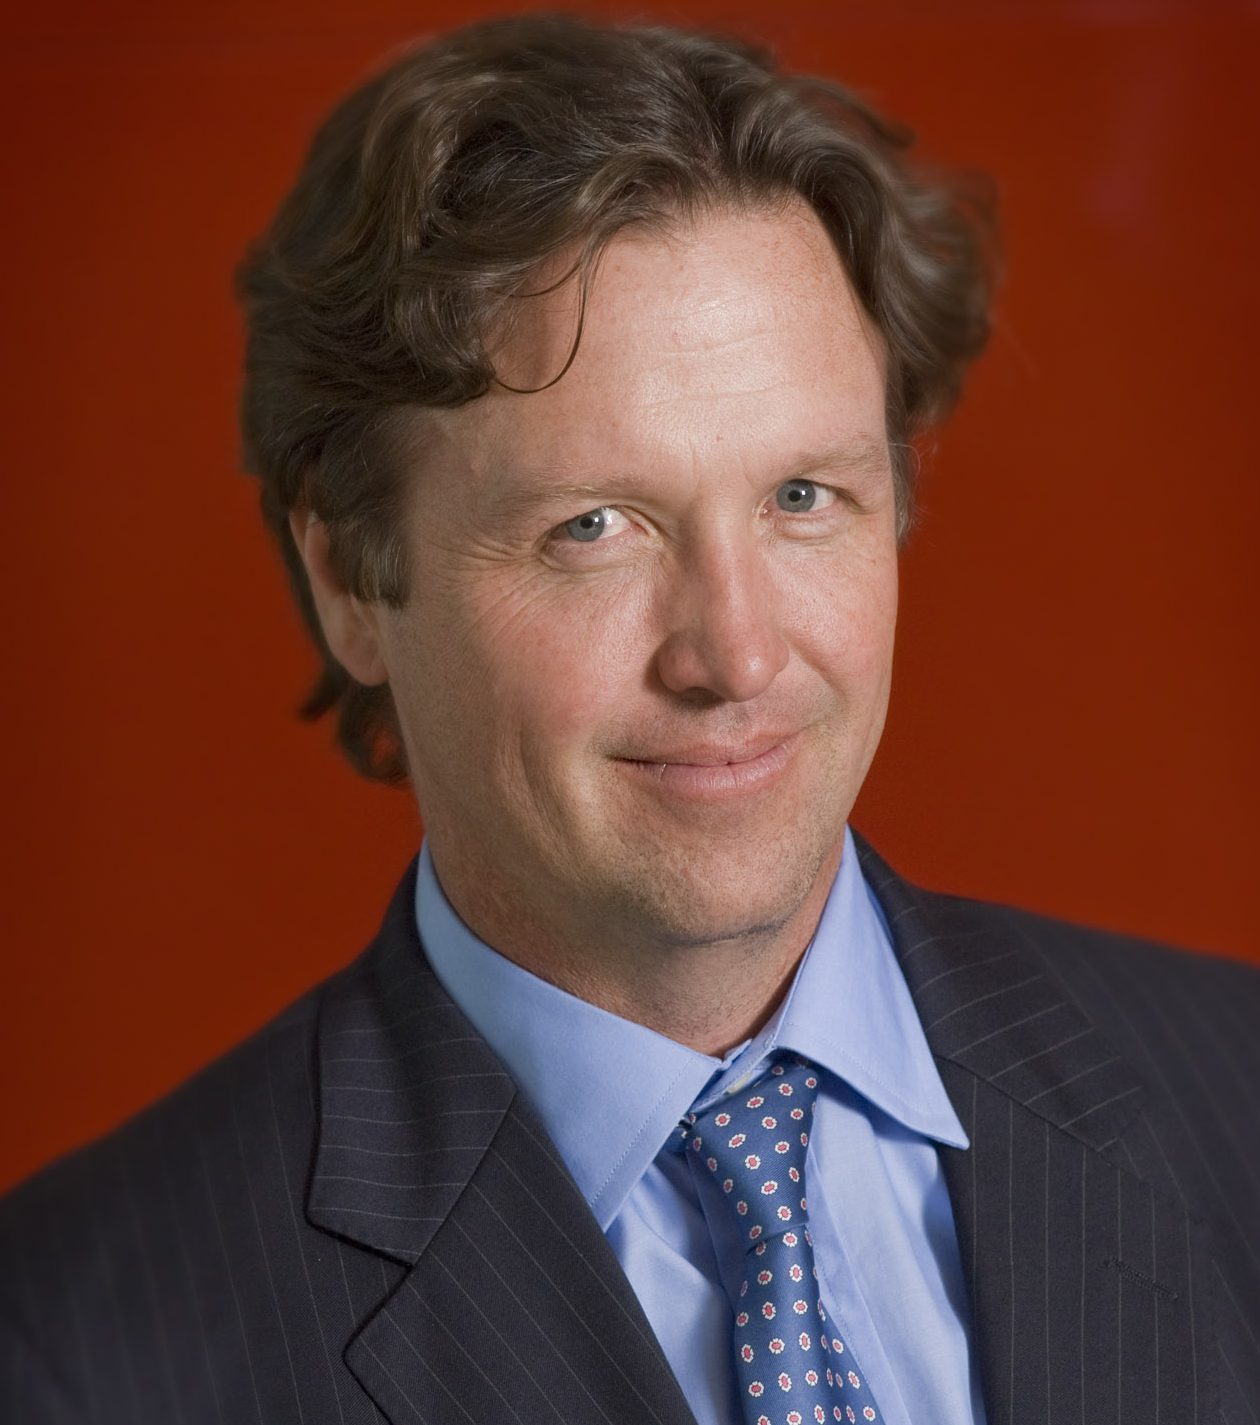 Saffron chief executive Michael Masterman